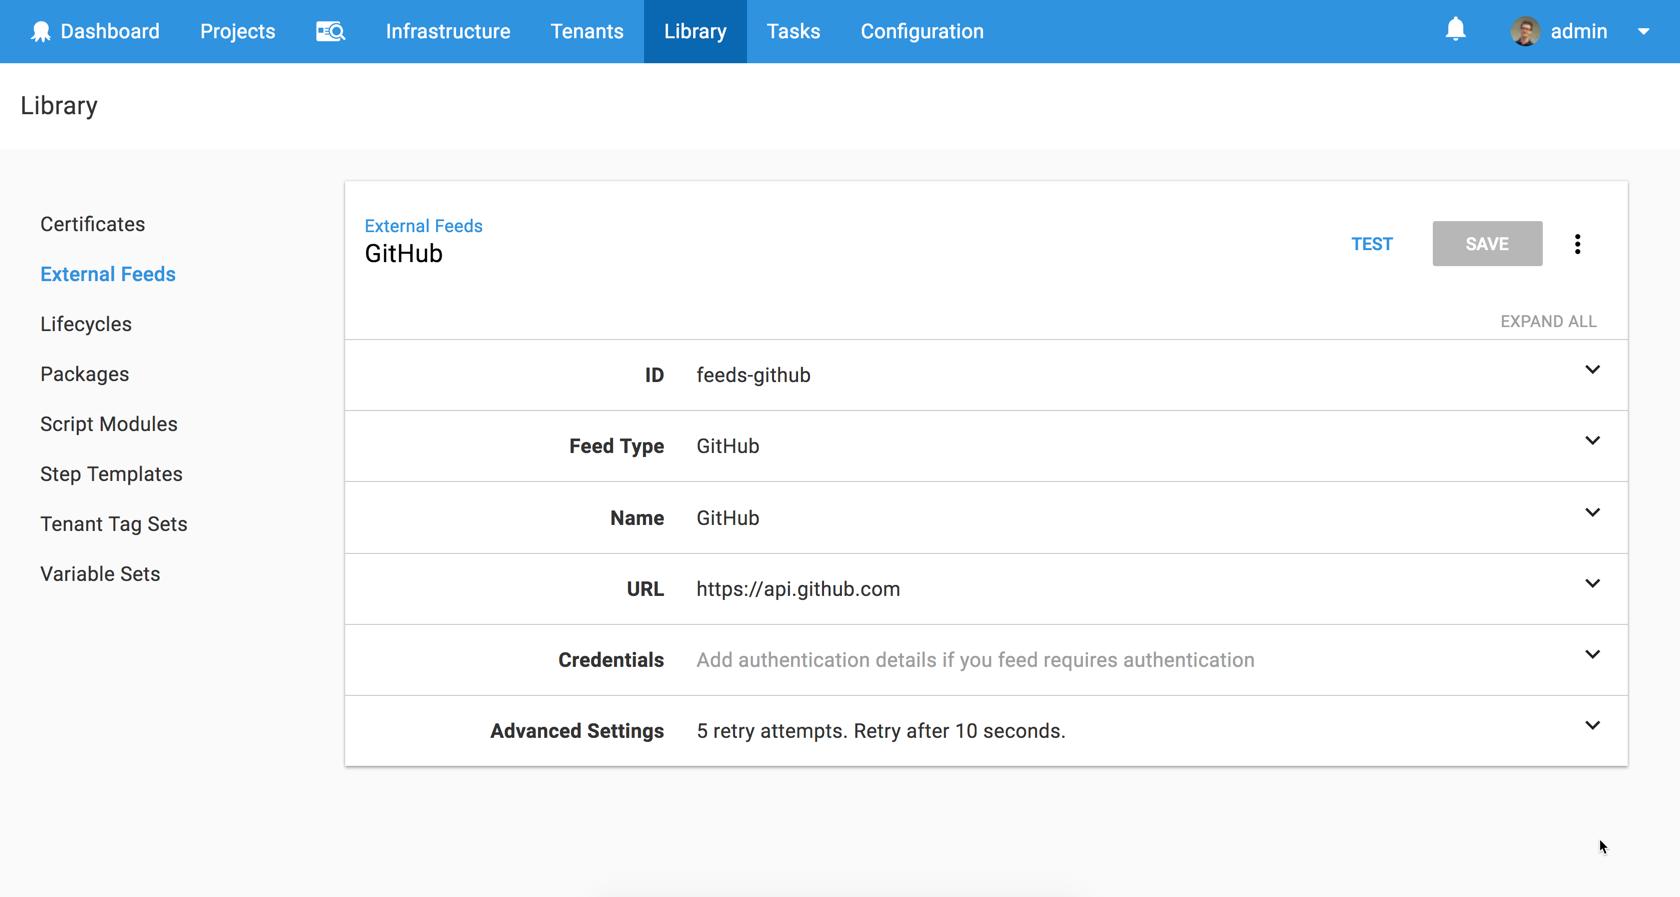 GitHub repository feed type